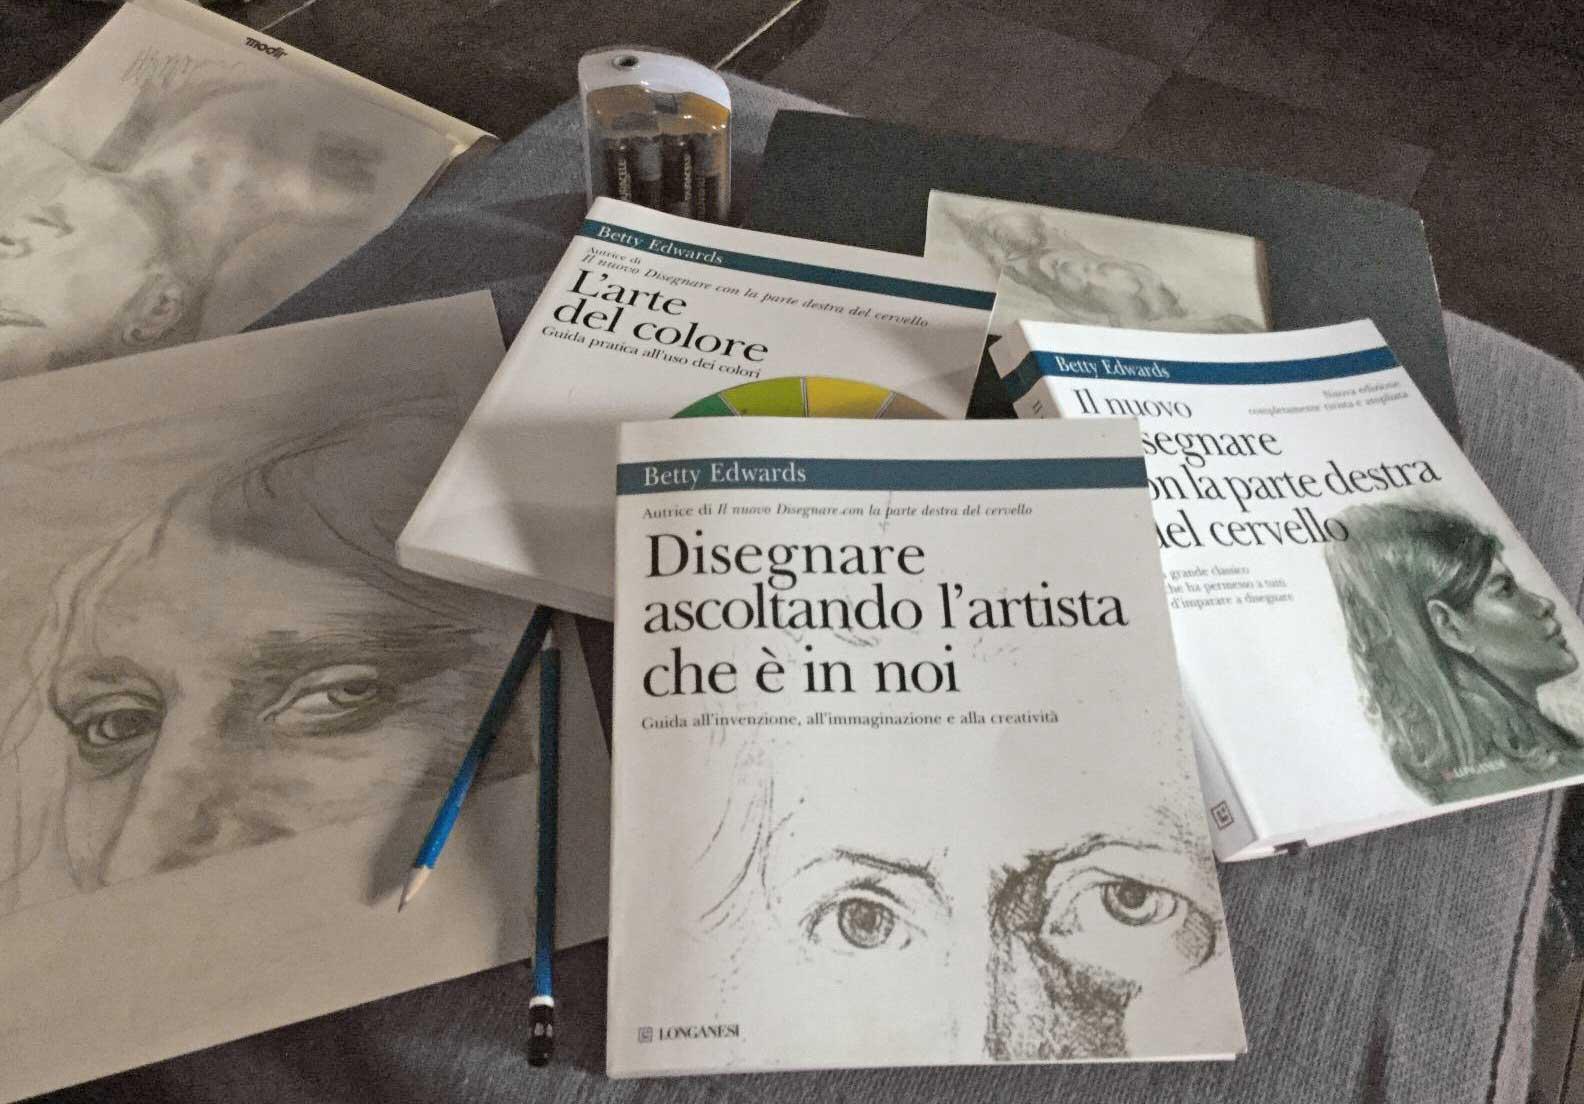 migliori libri per imparare a disegnare bene